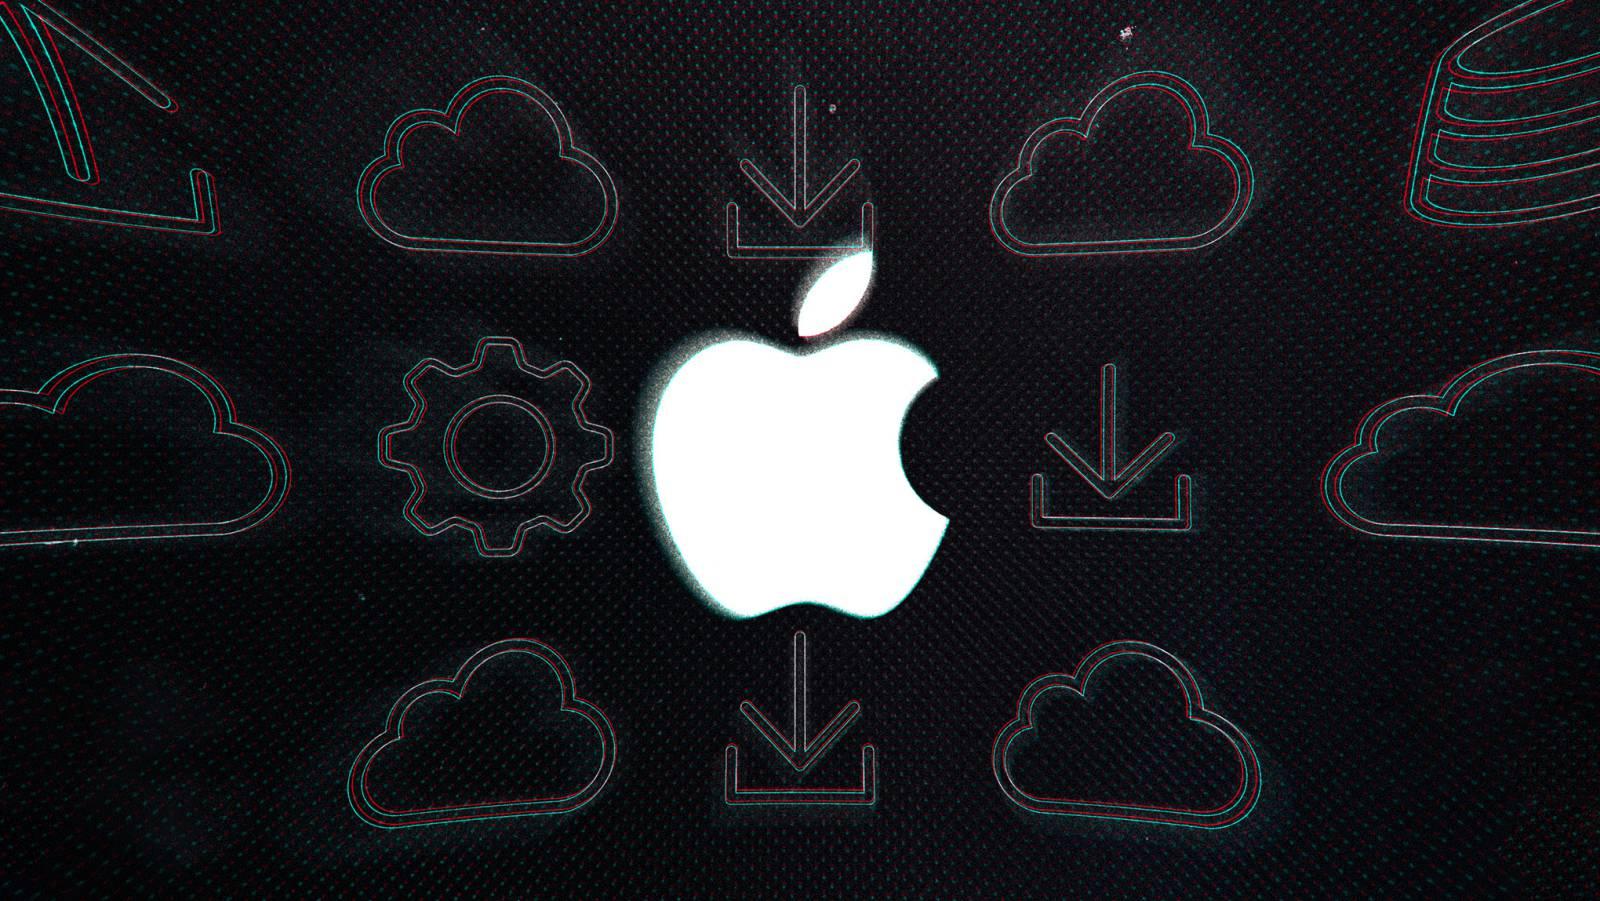 Apple a RECOMPENSAT DOI ROMANI pentru Descoperirea unei Vulnerabilitati a iPhone